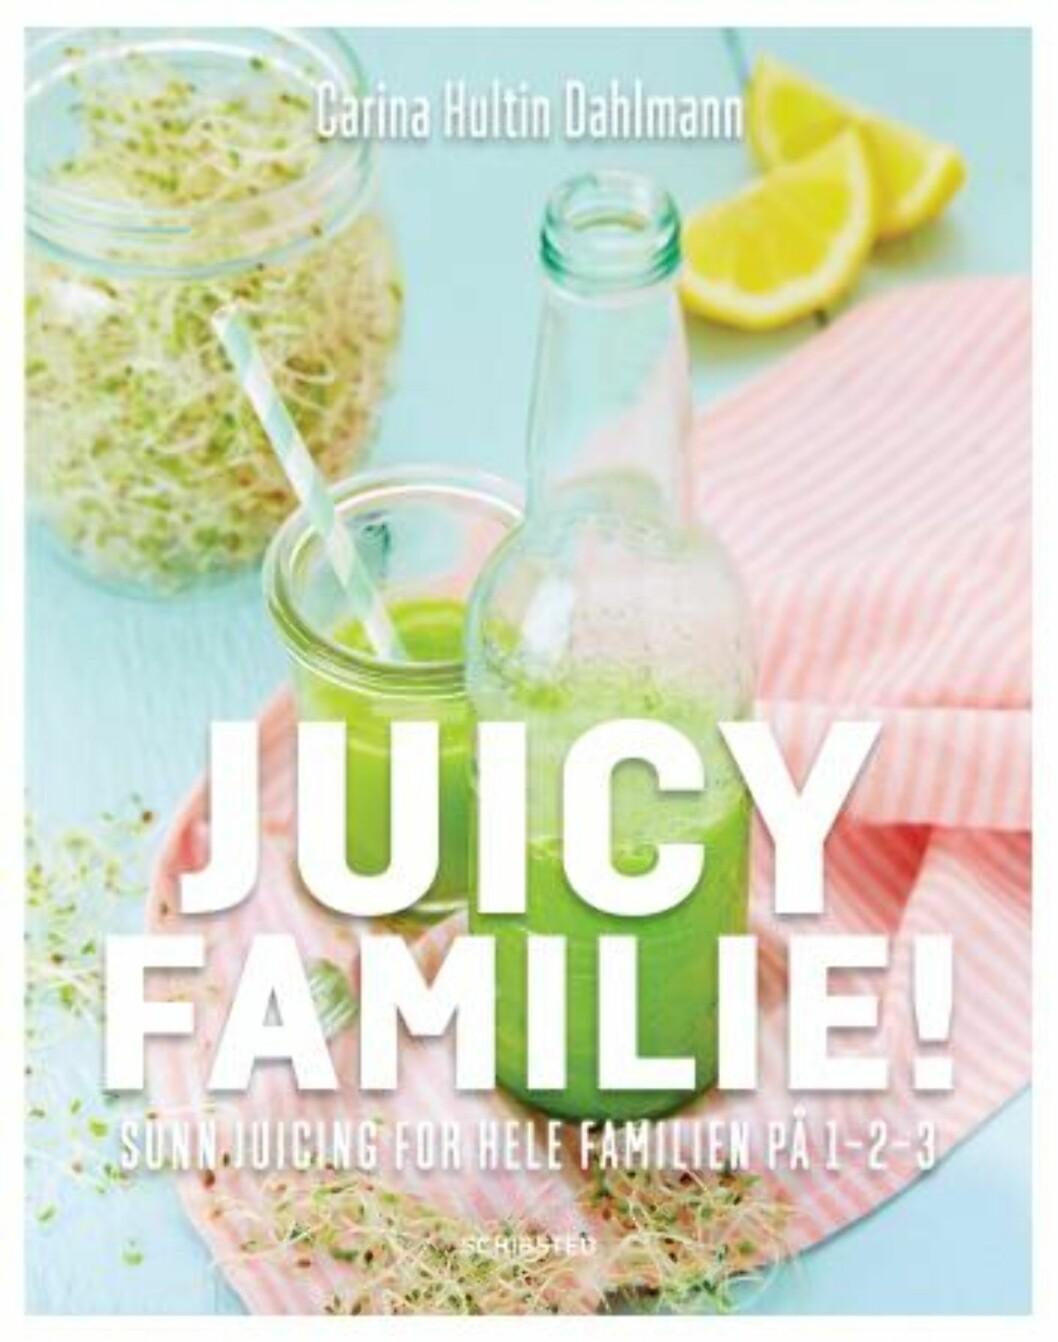 """""""Juicy familie"""" av Carina Hultin Dahlmann, kroner 149 på Haugenbok.no.  Foto: Produsenten"""